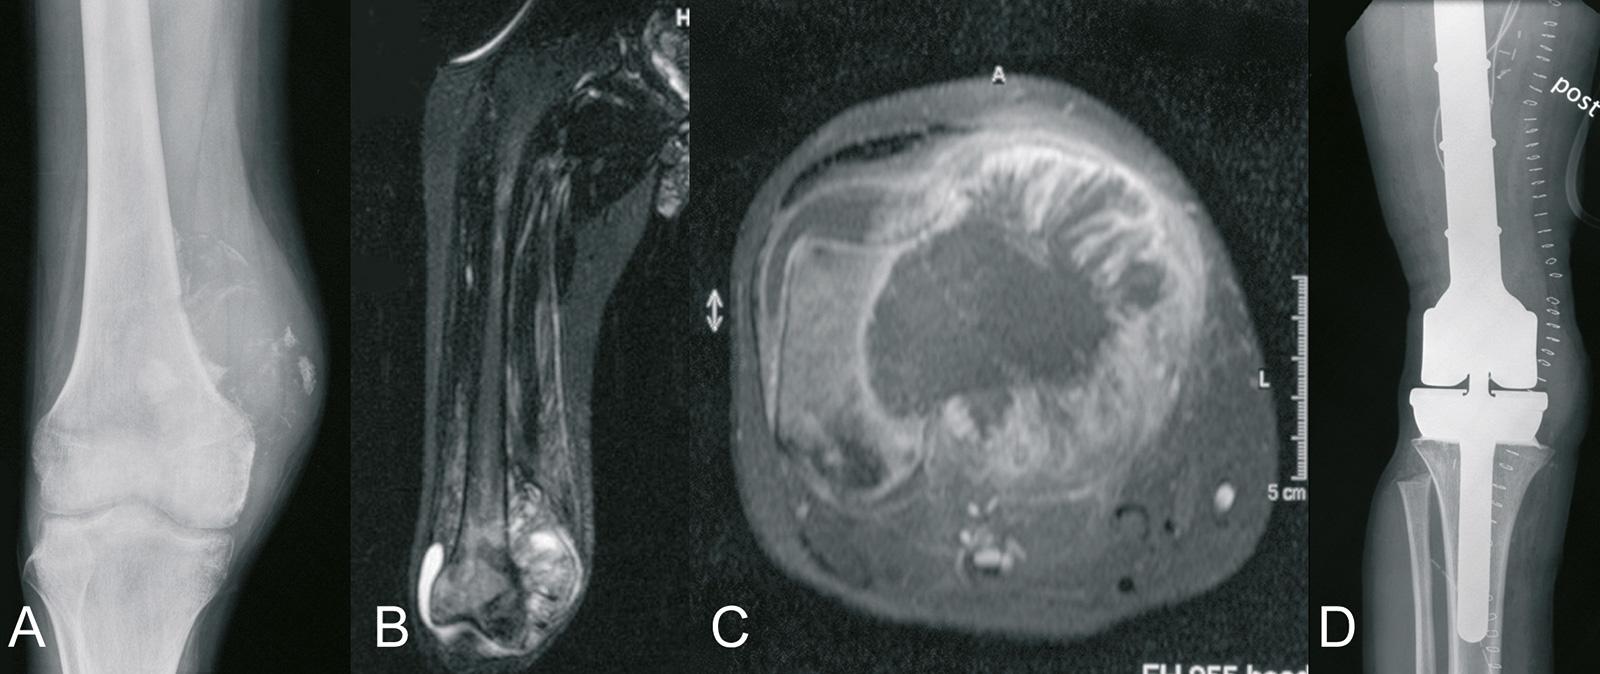 Abb. 8-75: Osteosarkom des distalen Femurs mit intraartikulärer Ausdehnung: natives Röntgenbild (A), MRT-Bildgebung (B,C), nach extraartikulärer Tumorresektion und Implantation einer Tumorprothese (MUTARS, Implantcast)(D) (Eigentum des Instituts für Klini